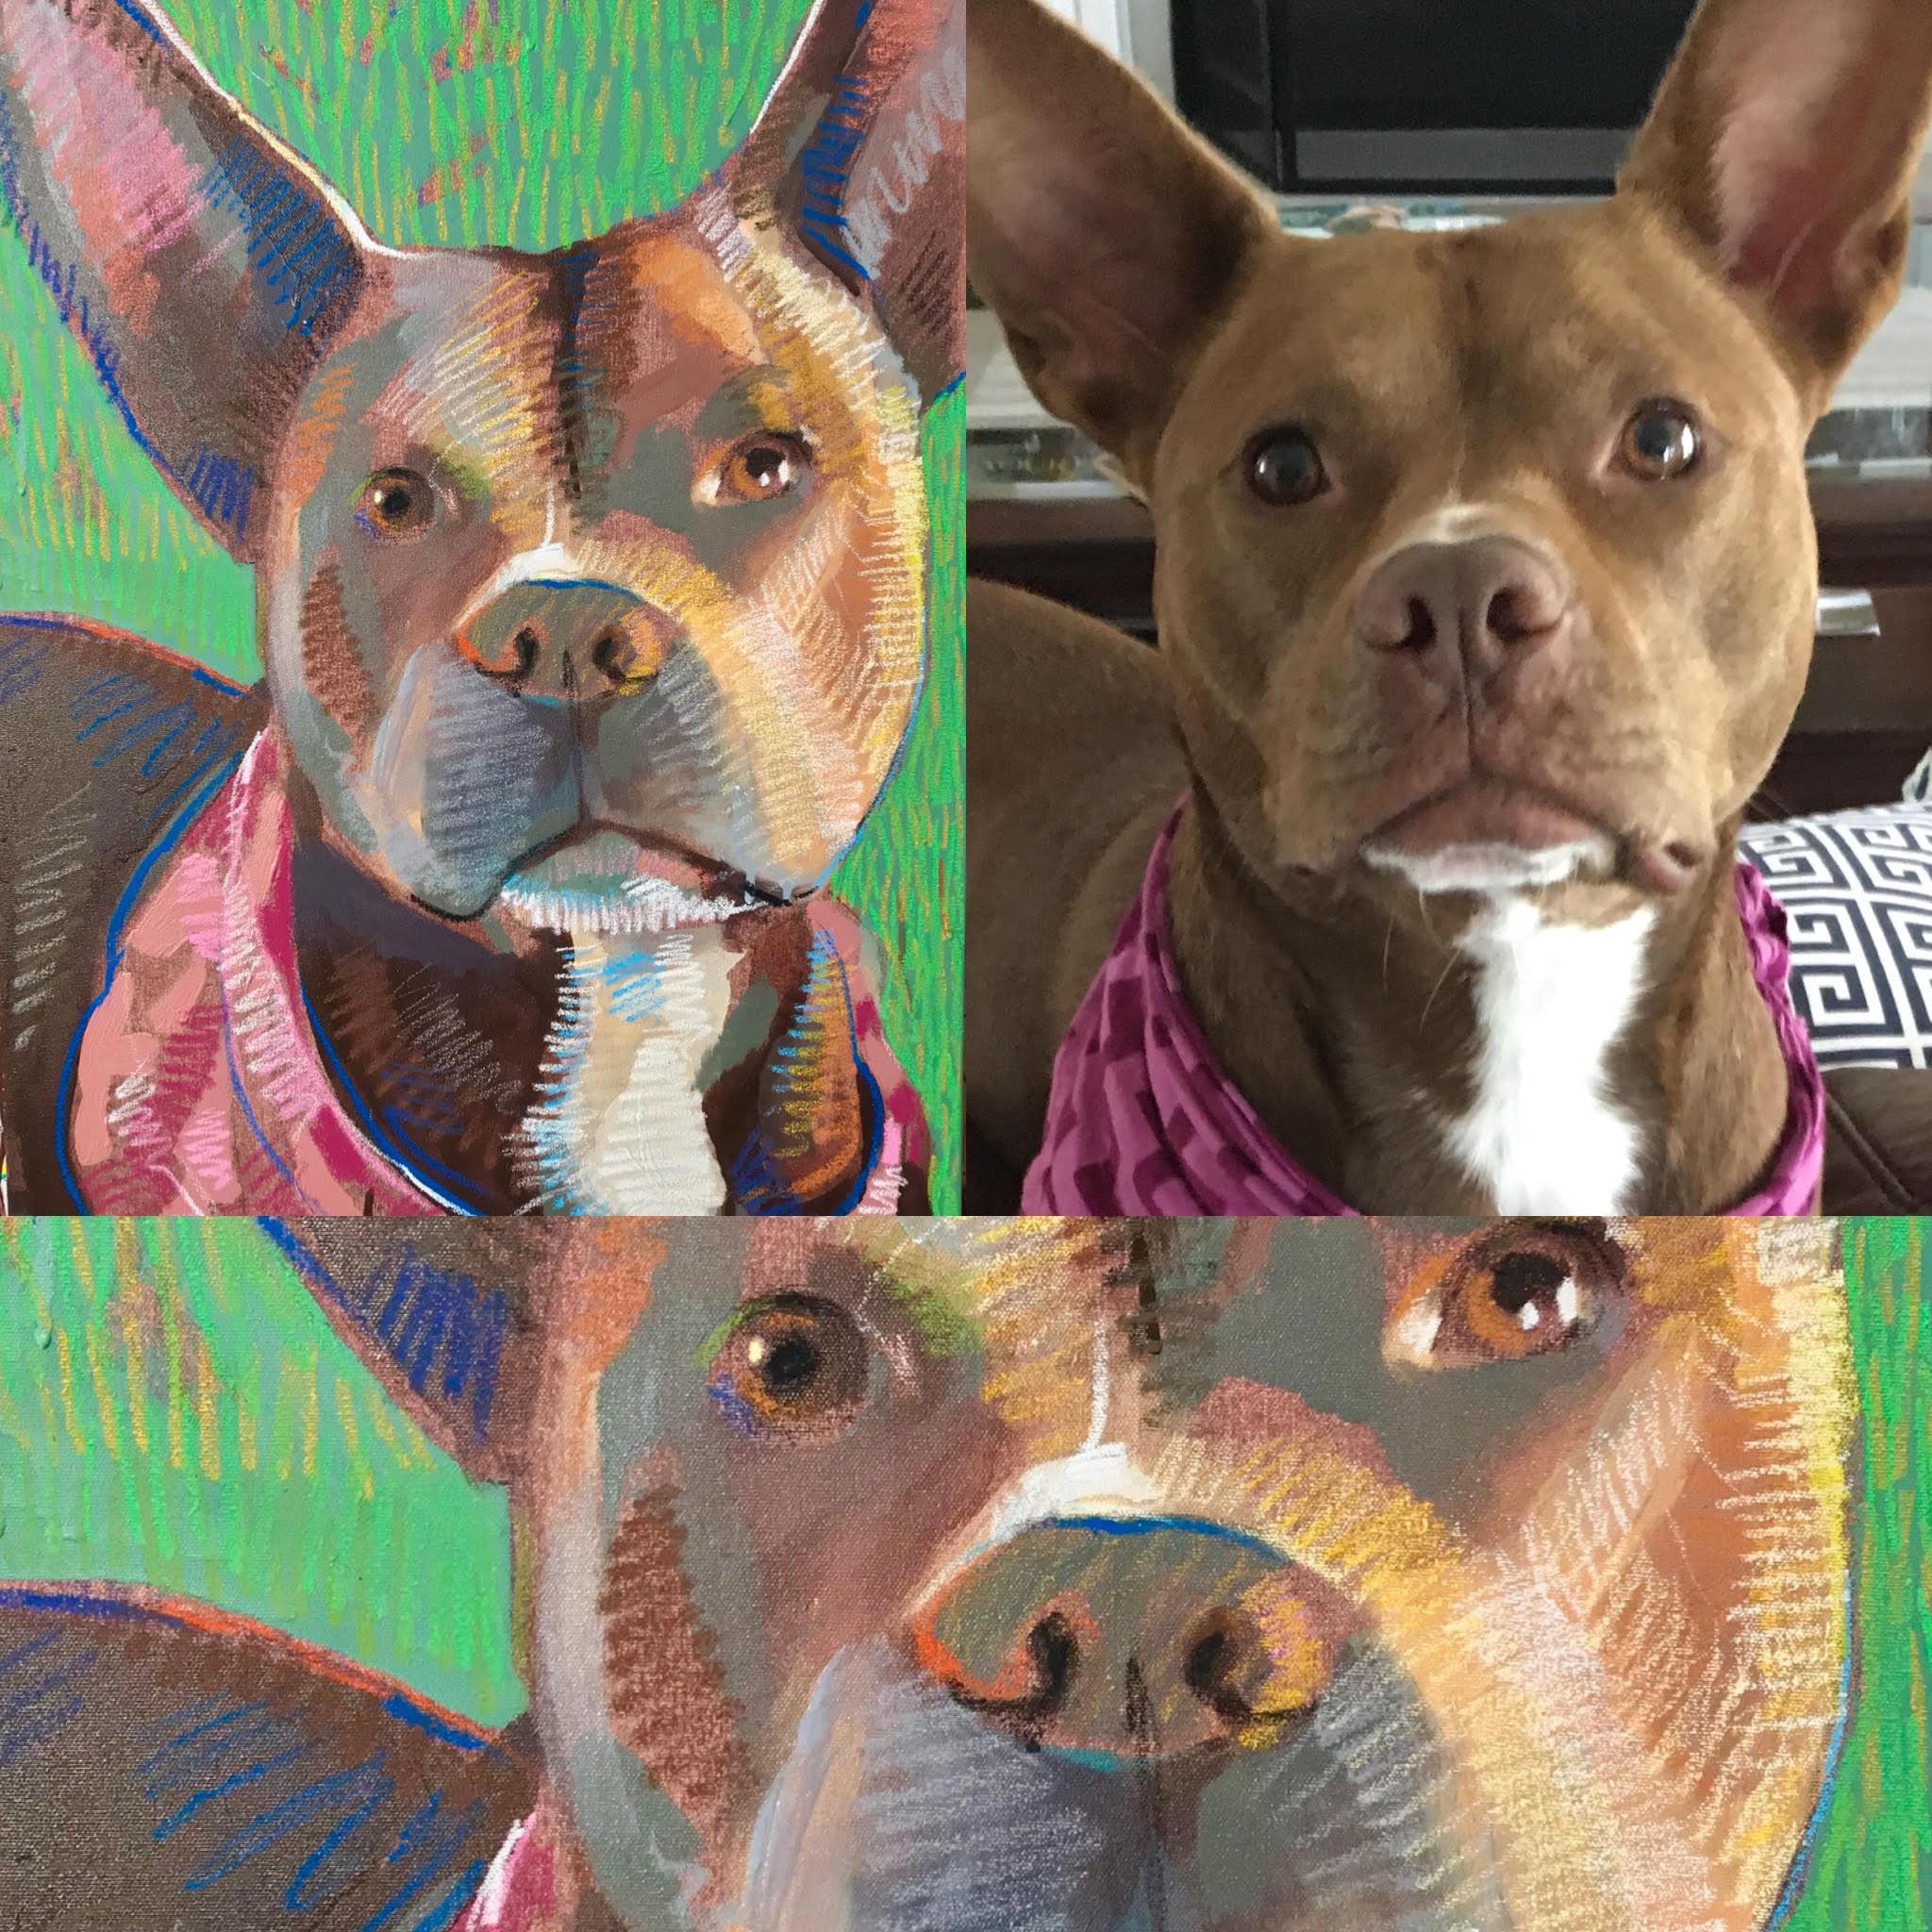 Tim-Jaeger-Commission-Dog.jpg